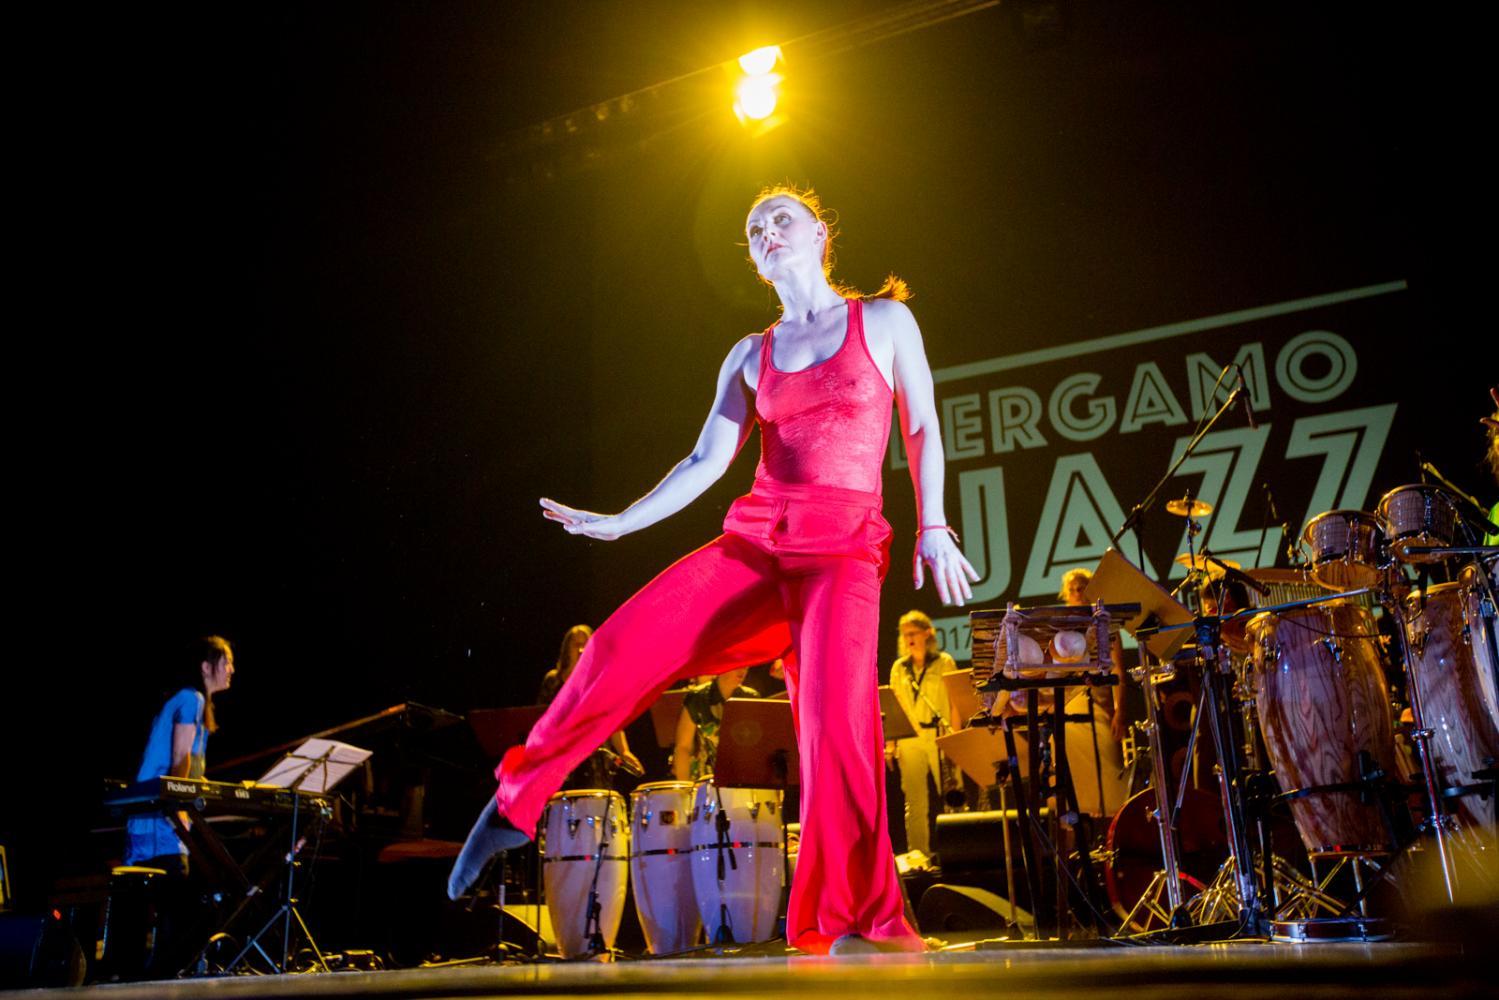 Marilyn Mazur Shamania at Bergamo Jazz 2017